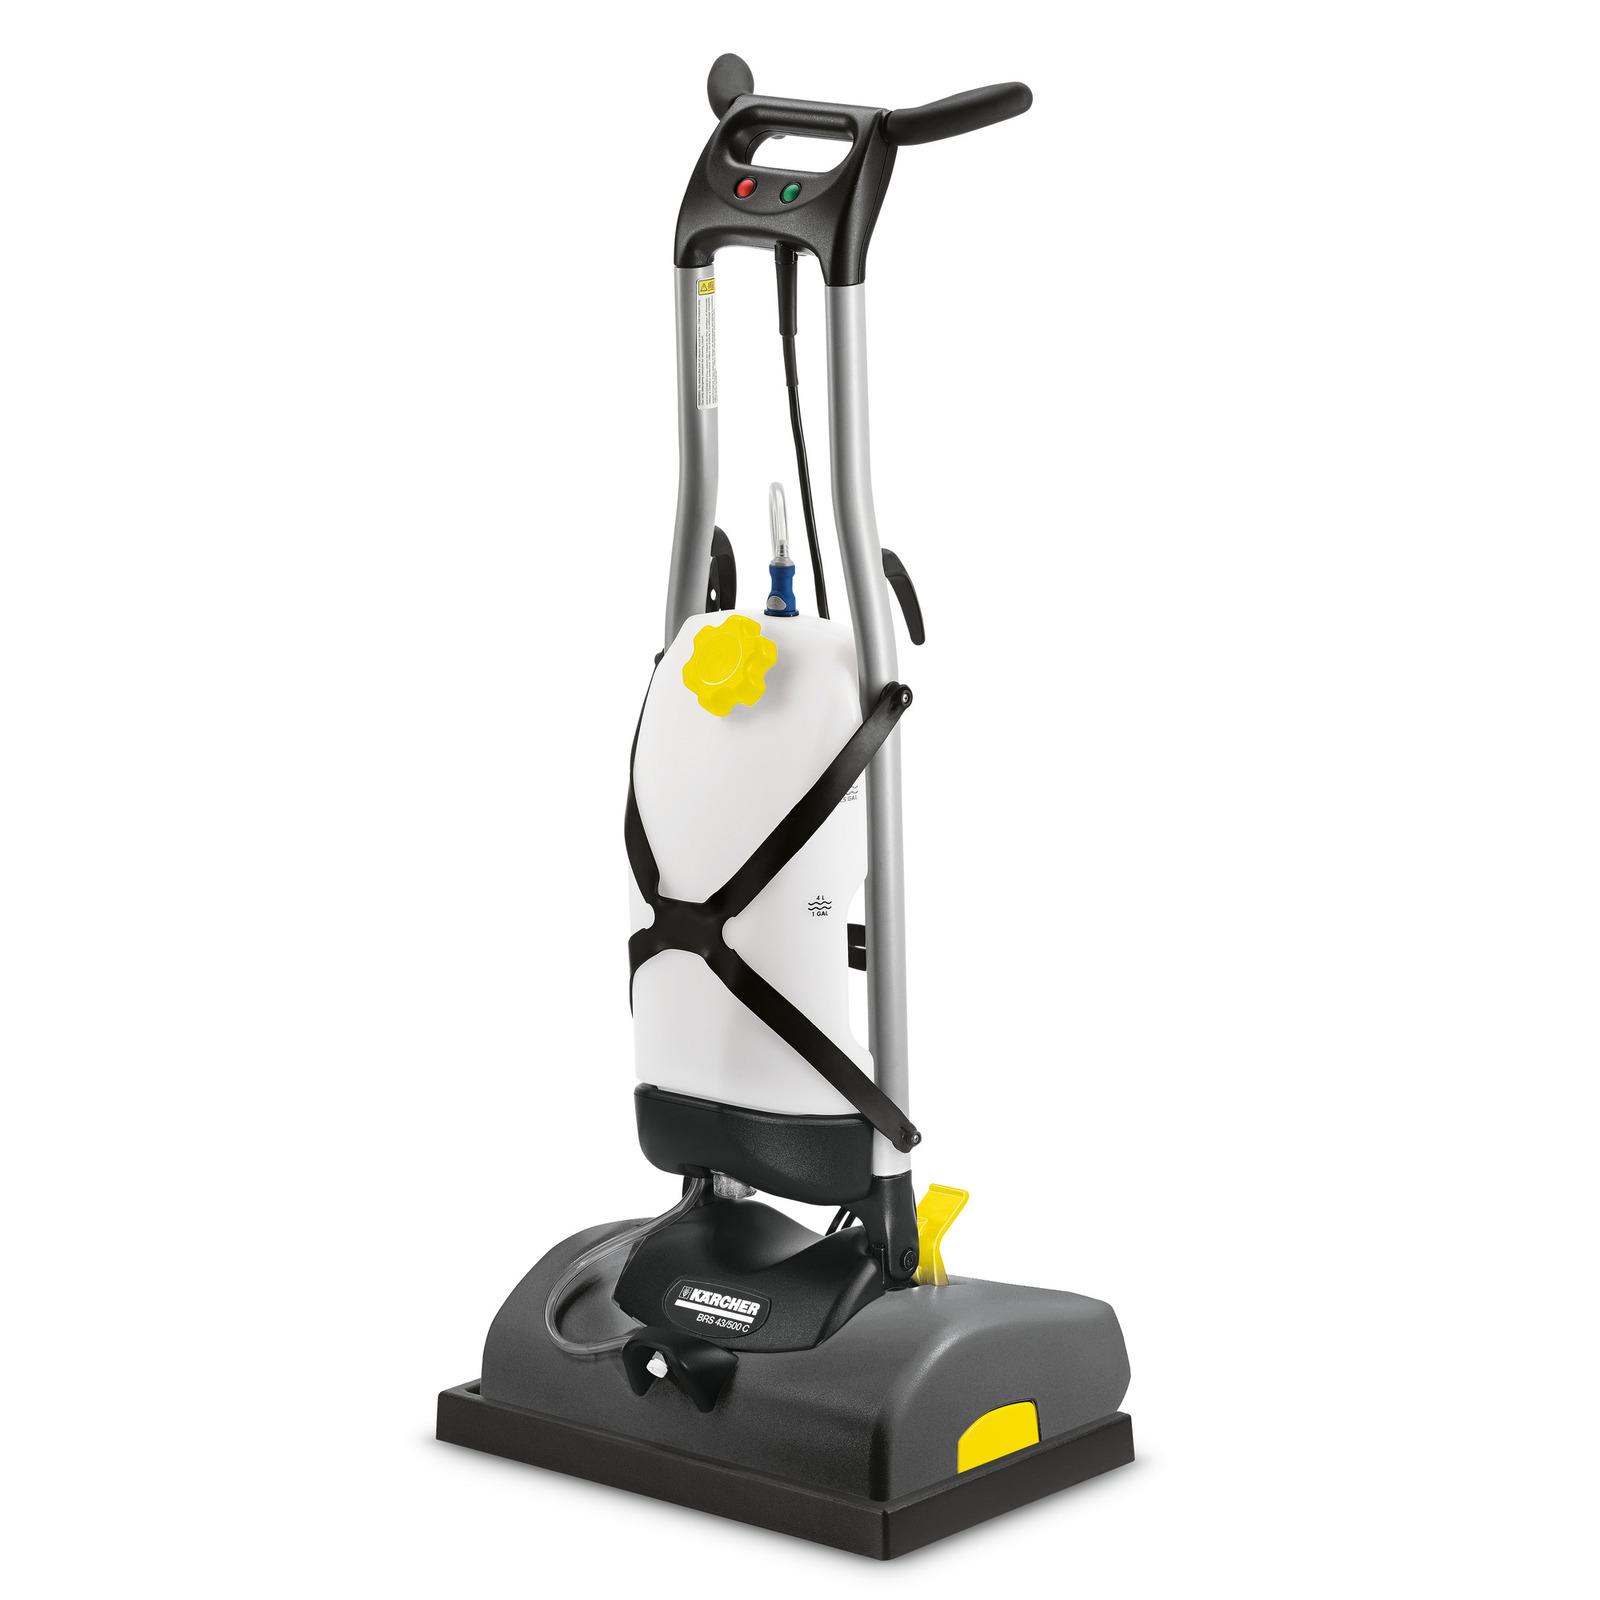 machine de nettoyage des moquettes brs 43 500c k rcher. Black Bedroom Furniture Sets. Home Design Ideas